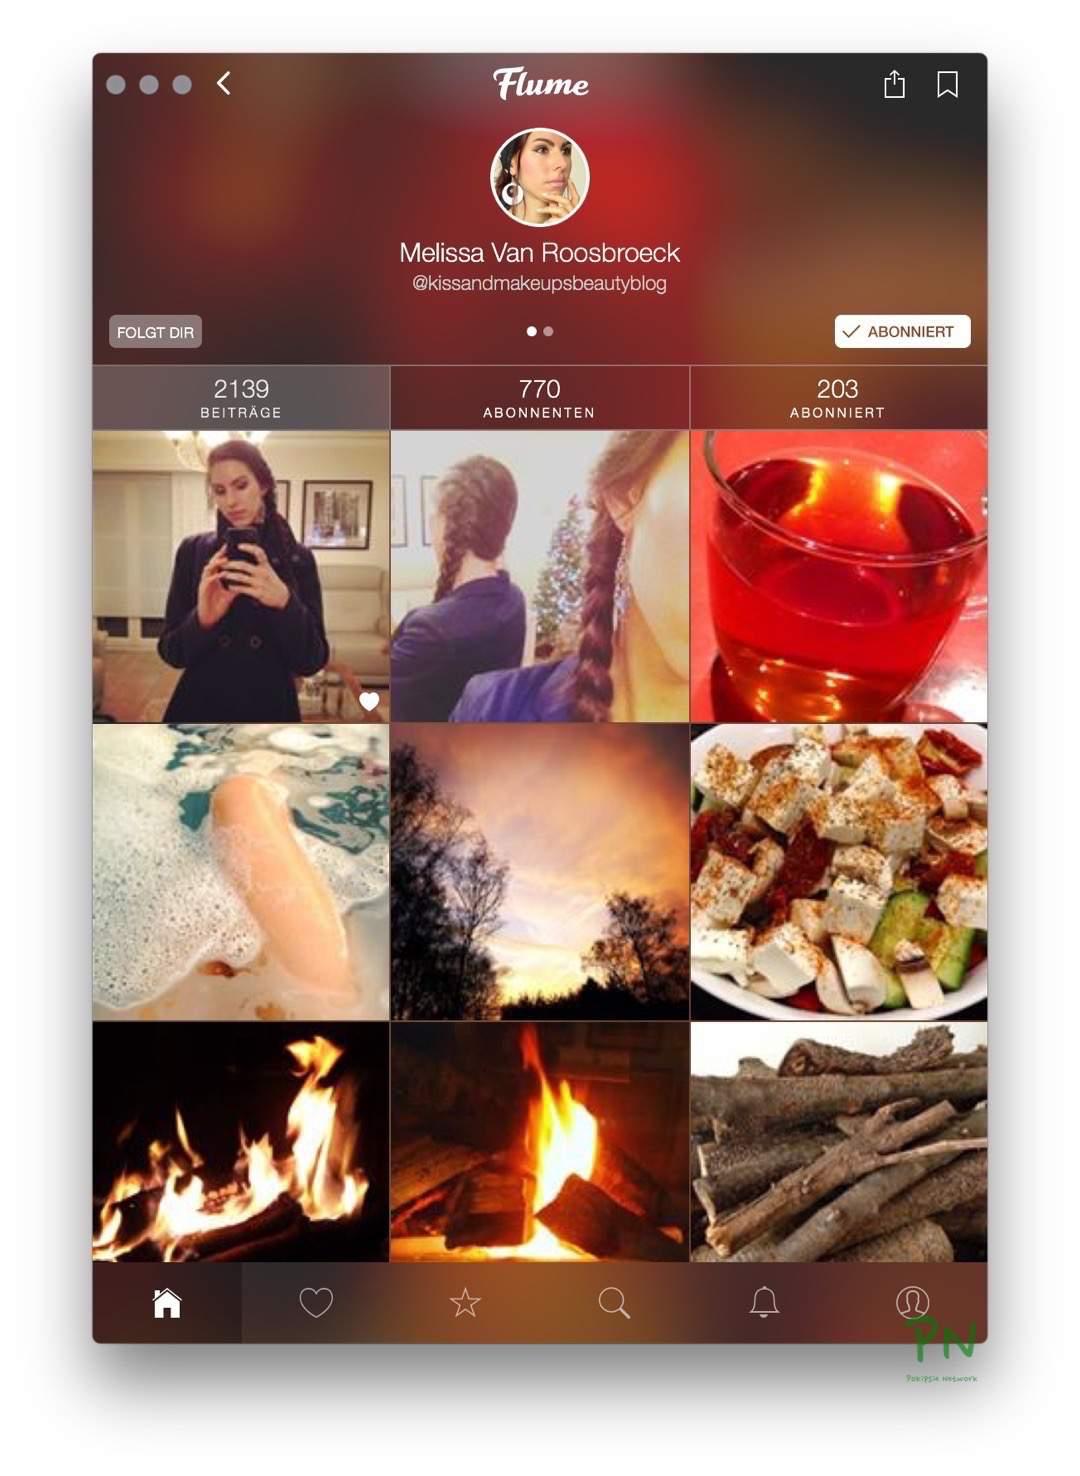 Flume - Die Instagram App für den Mac